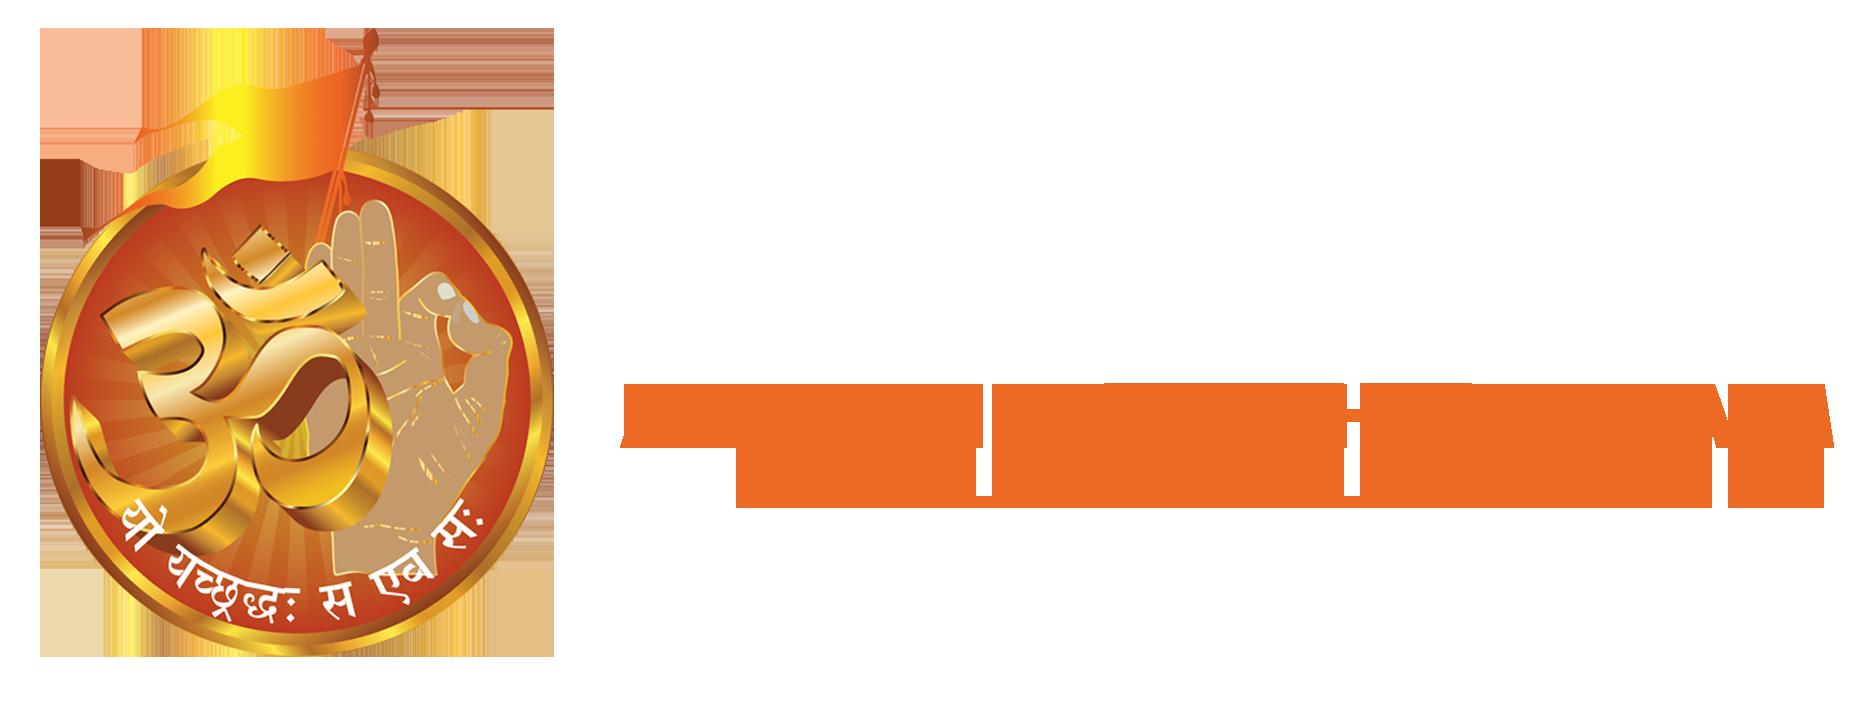 Advaithashramam